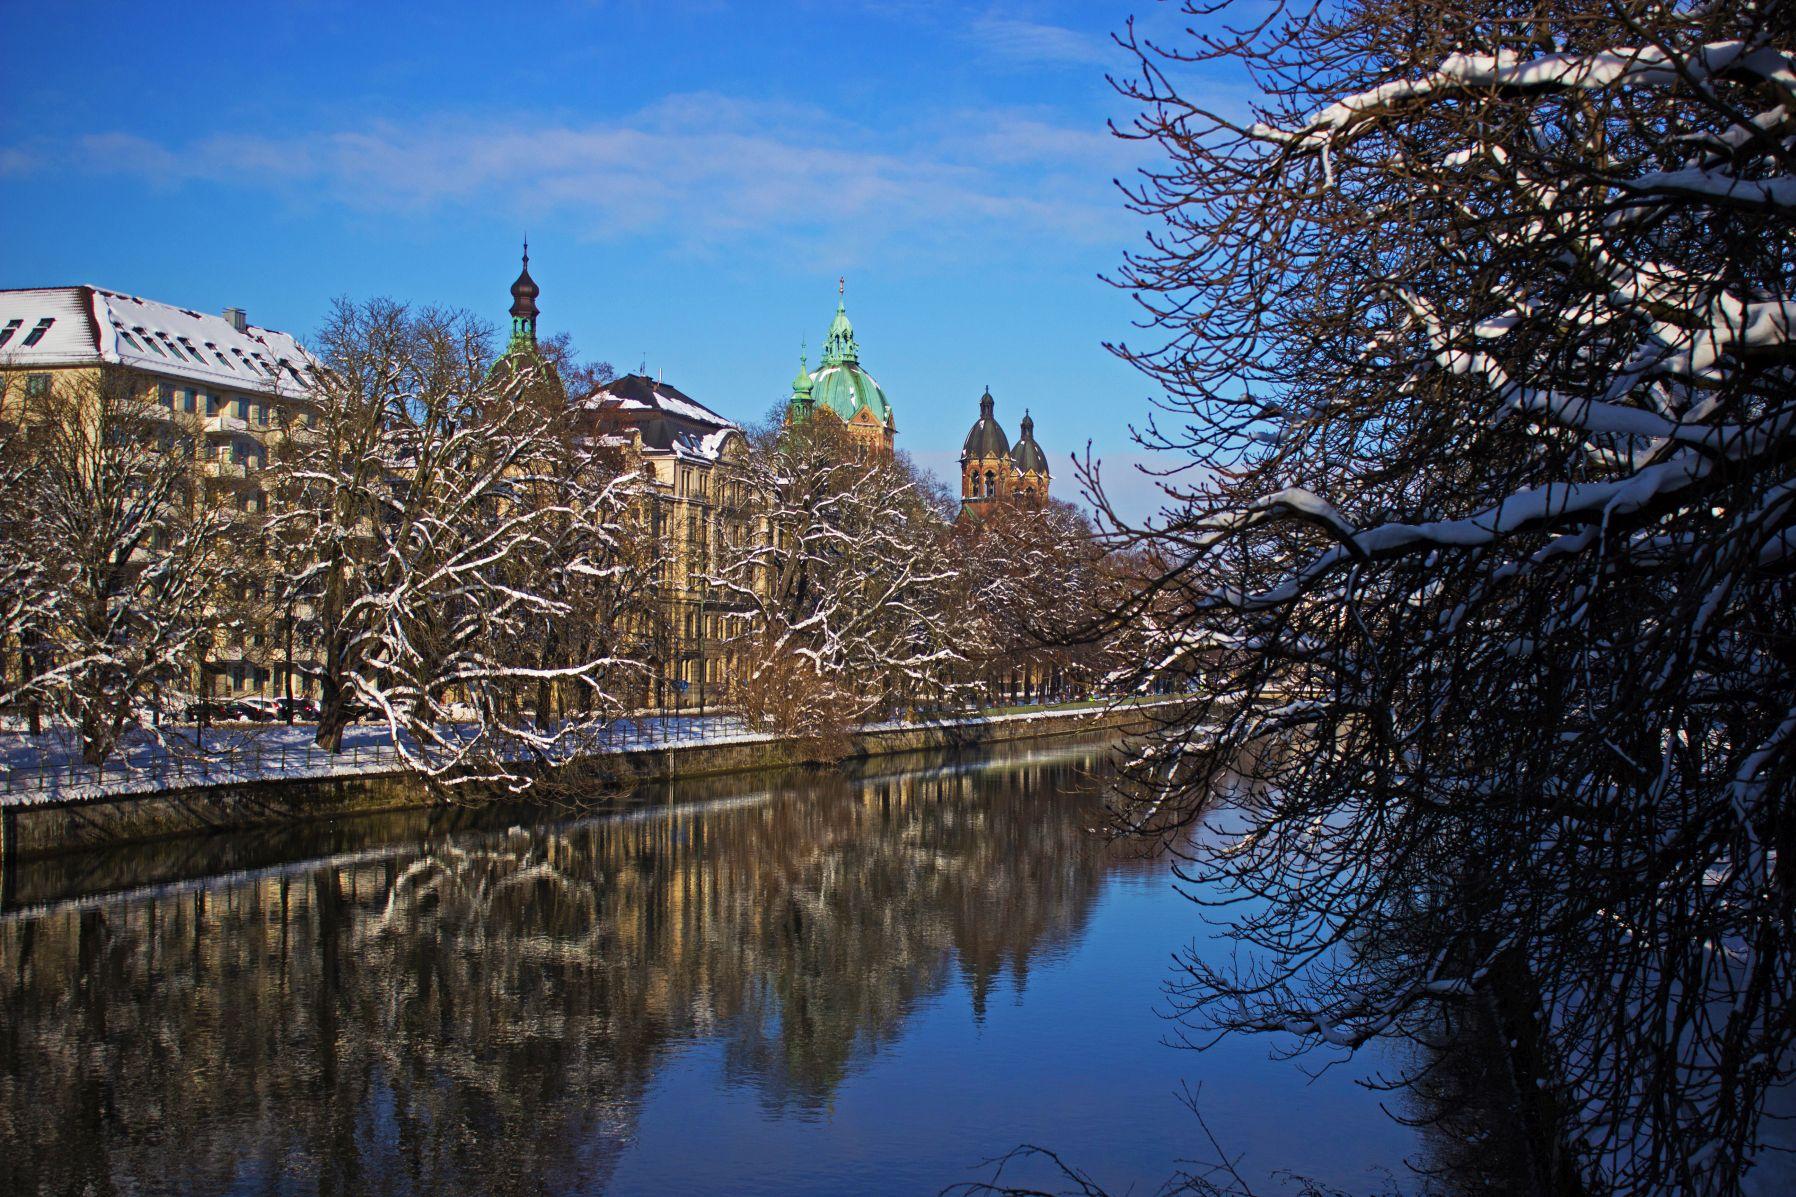 Sankt Lukas München mit Isar und Schnee